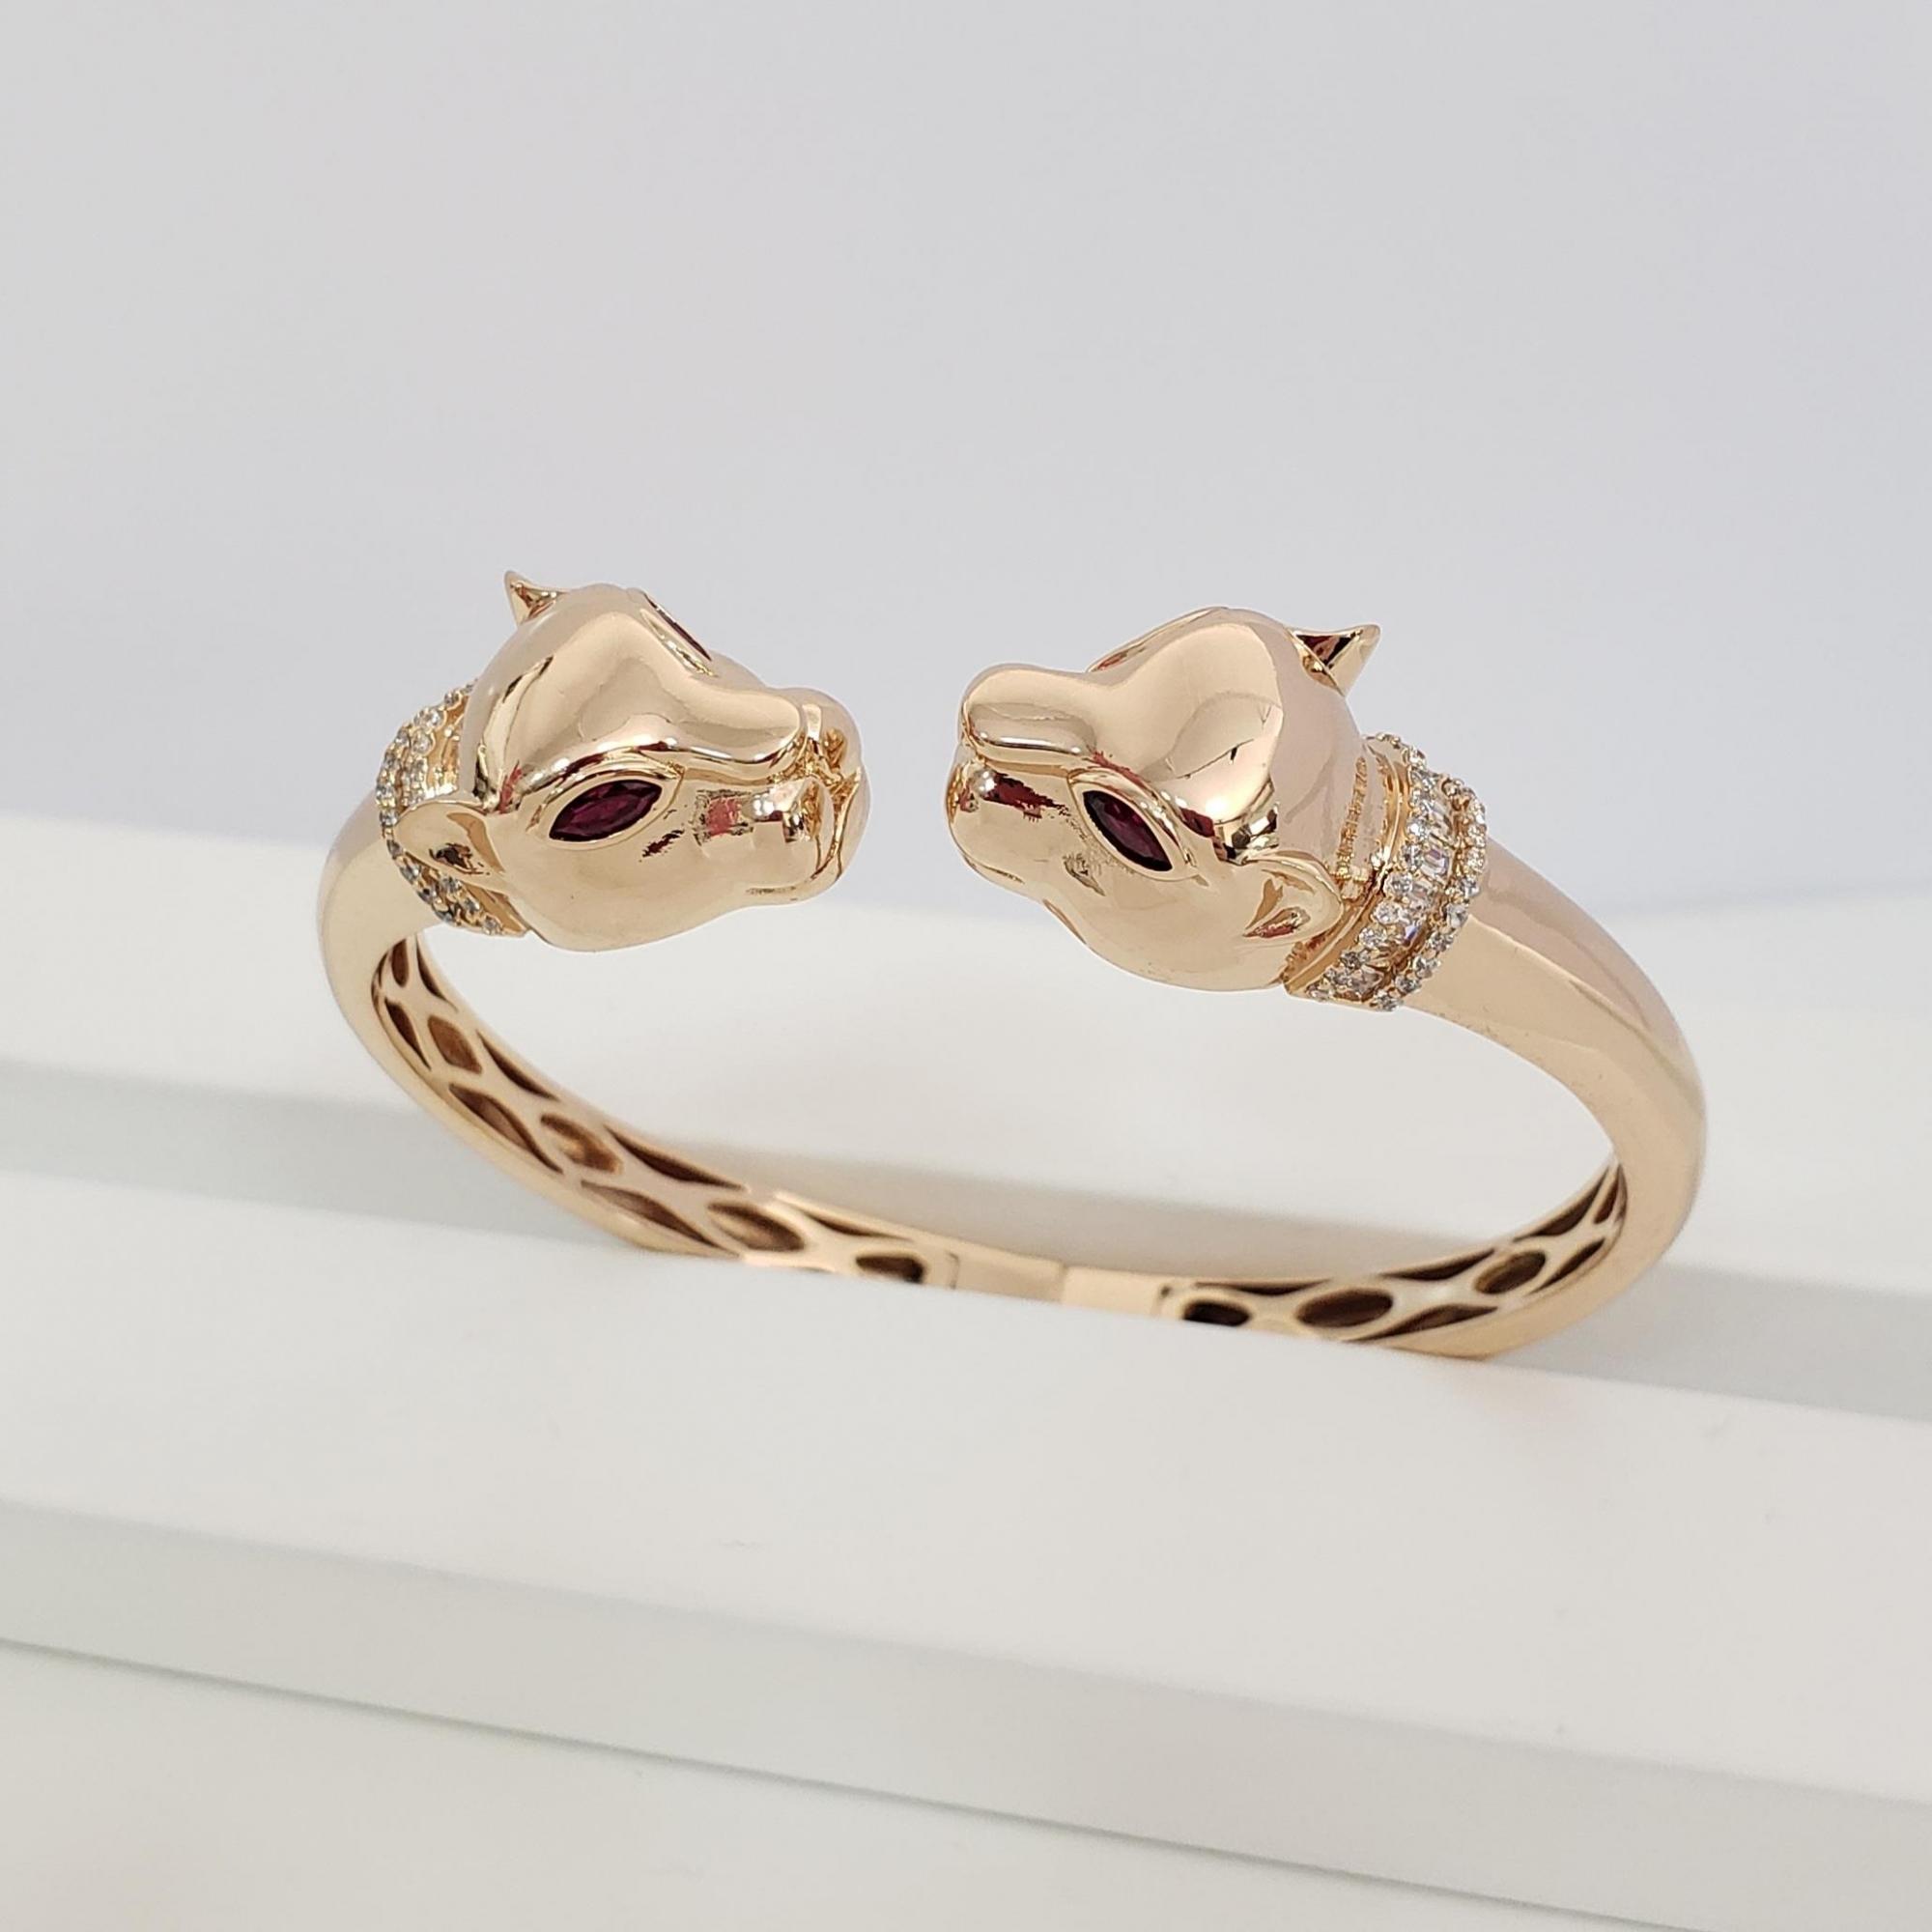 Bracelete Aberto com Cabeça Leopardo Nas Pontas com  Zircônia Colorida no Banho Ouro 18k Semijoia